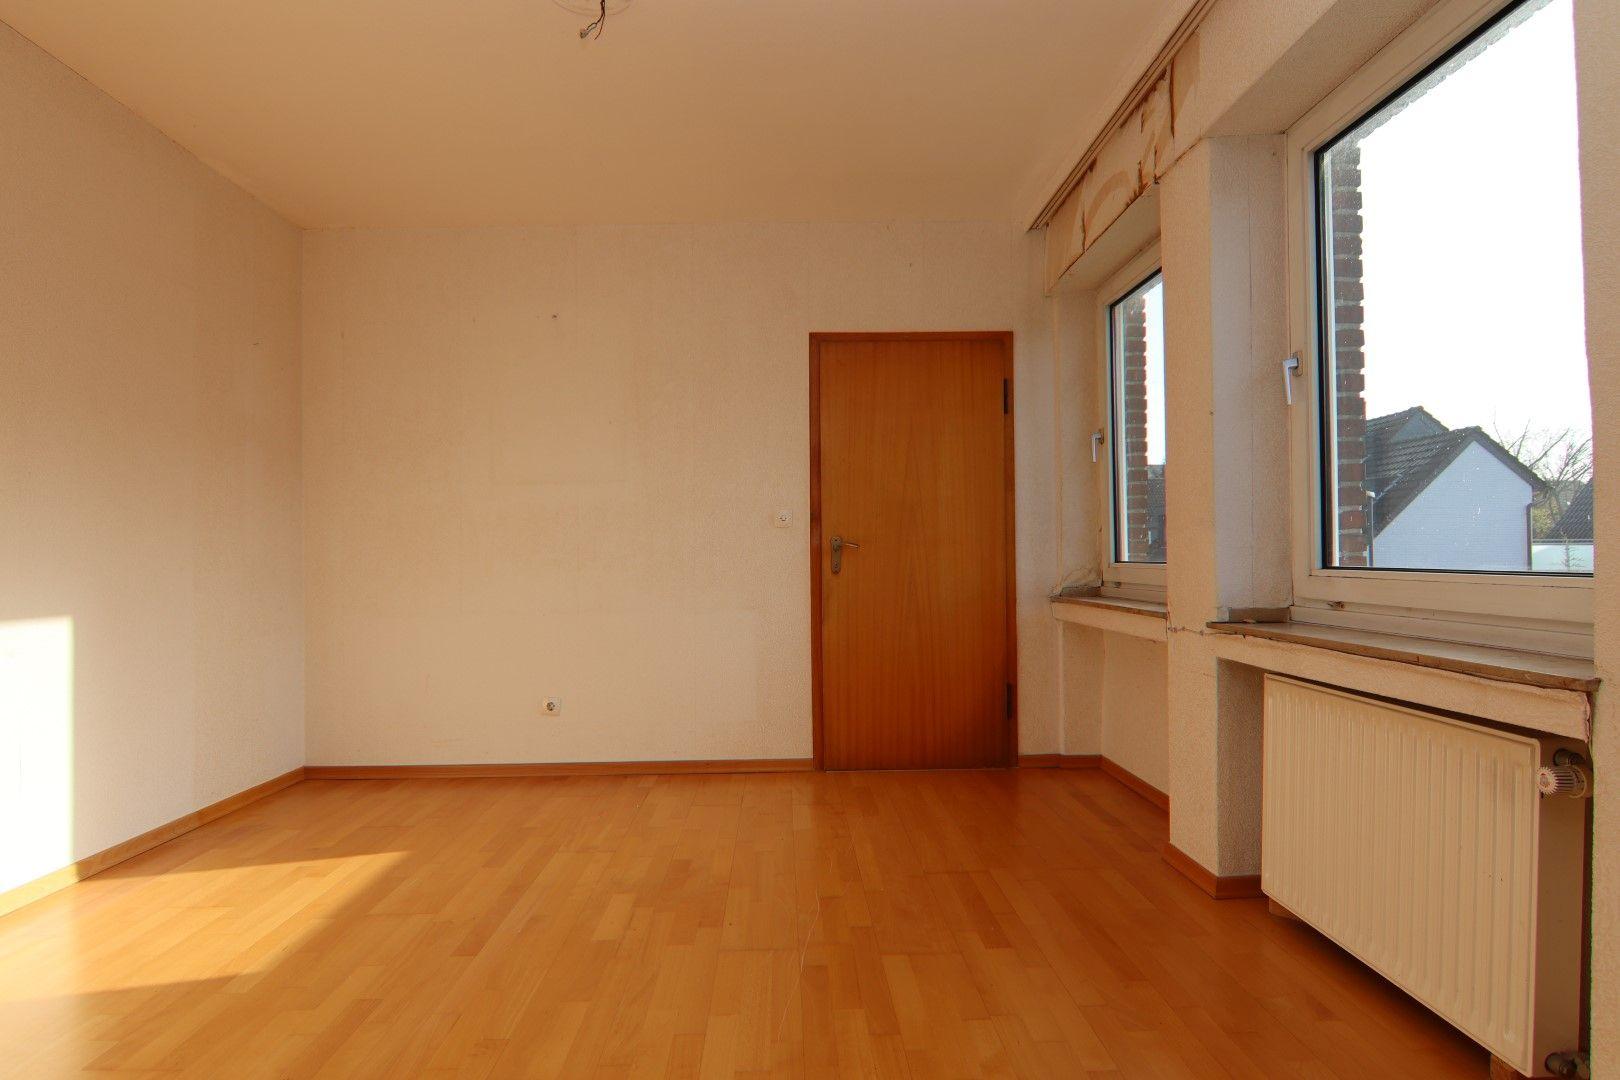 Immobilie Nr.0279 - Freistehendes EFH mit Anbau, Keller und Garage - Bild 8.jpg